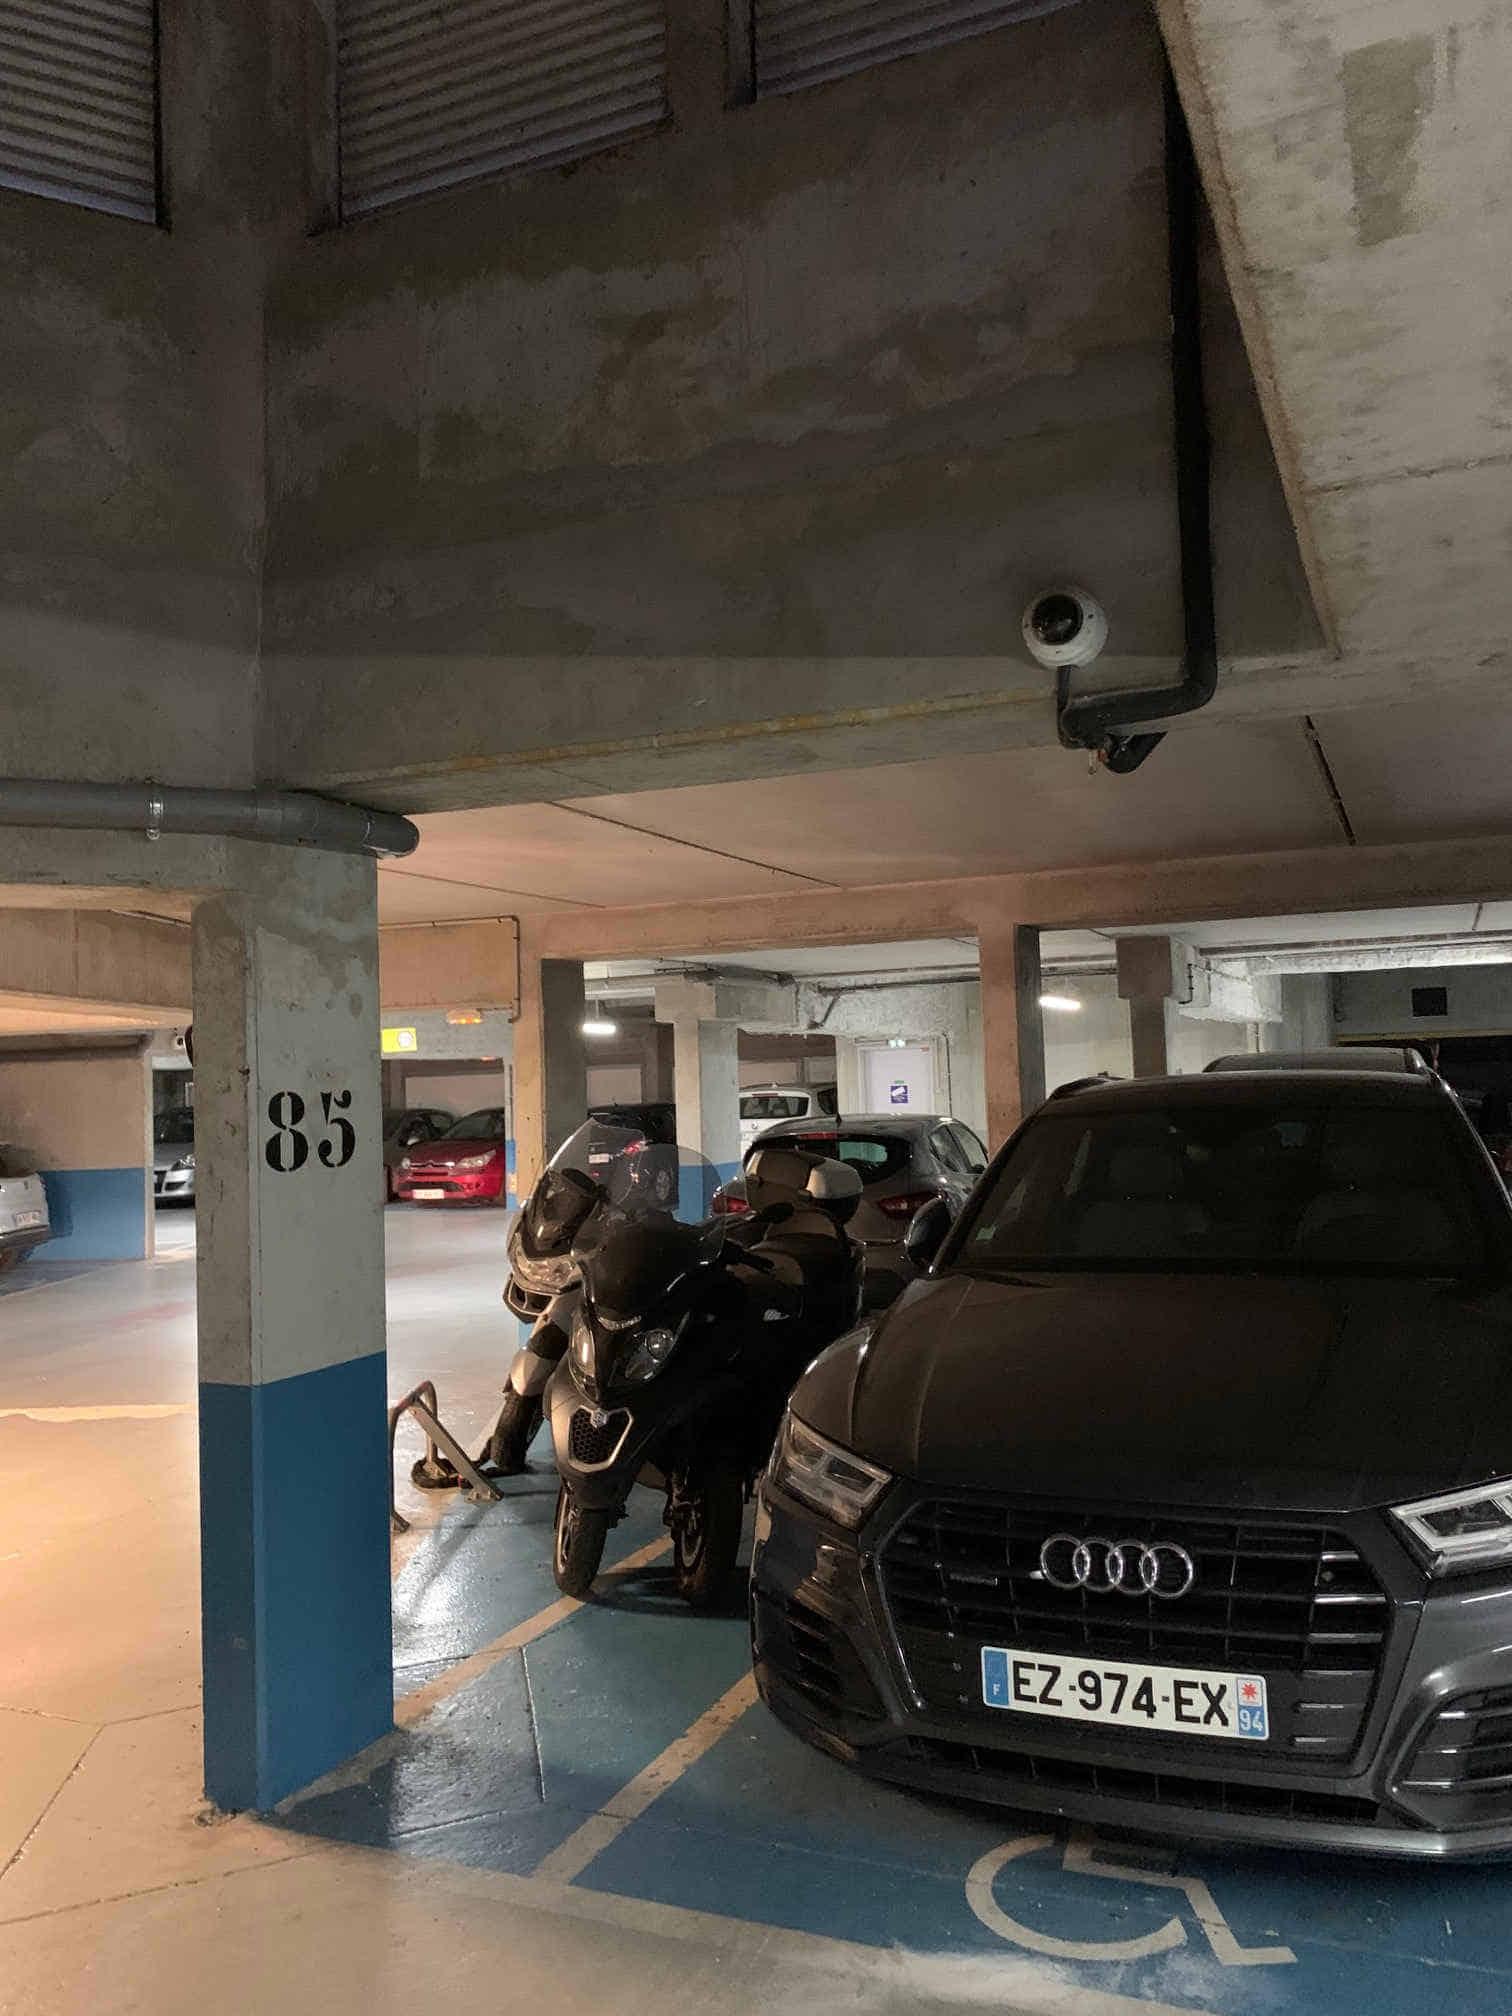 voiture dans un parking2